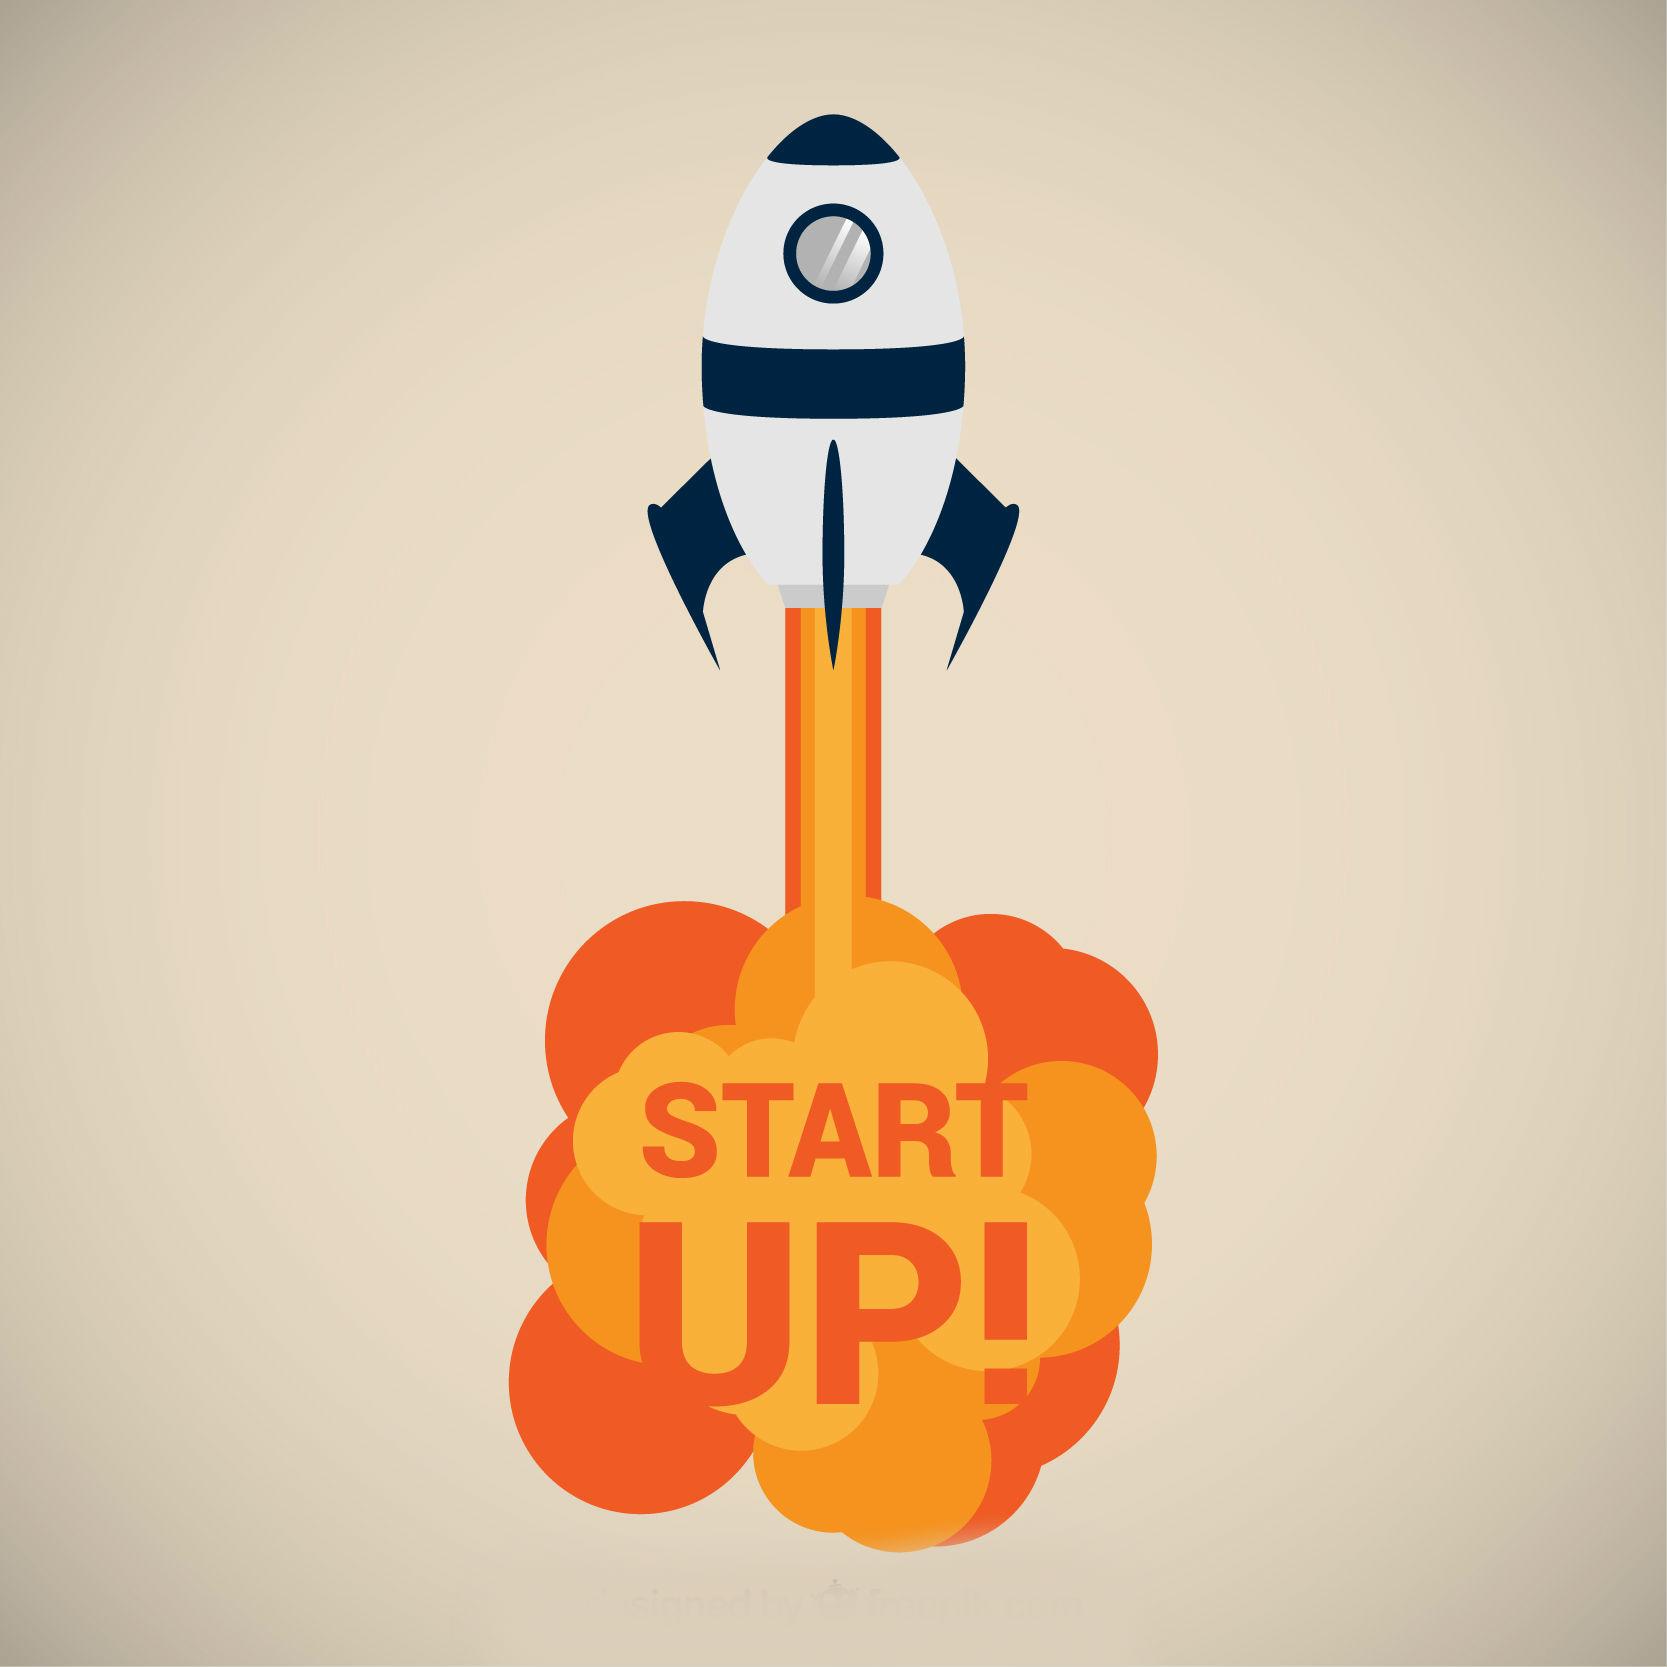 «Έχω μια υπέροχη ιδέα που θα με κάνει πλούσιο» ή η εμμονή με τις Start UP